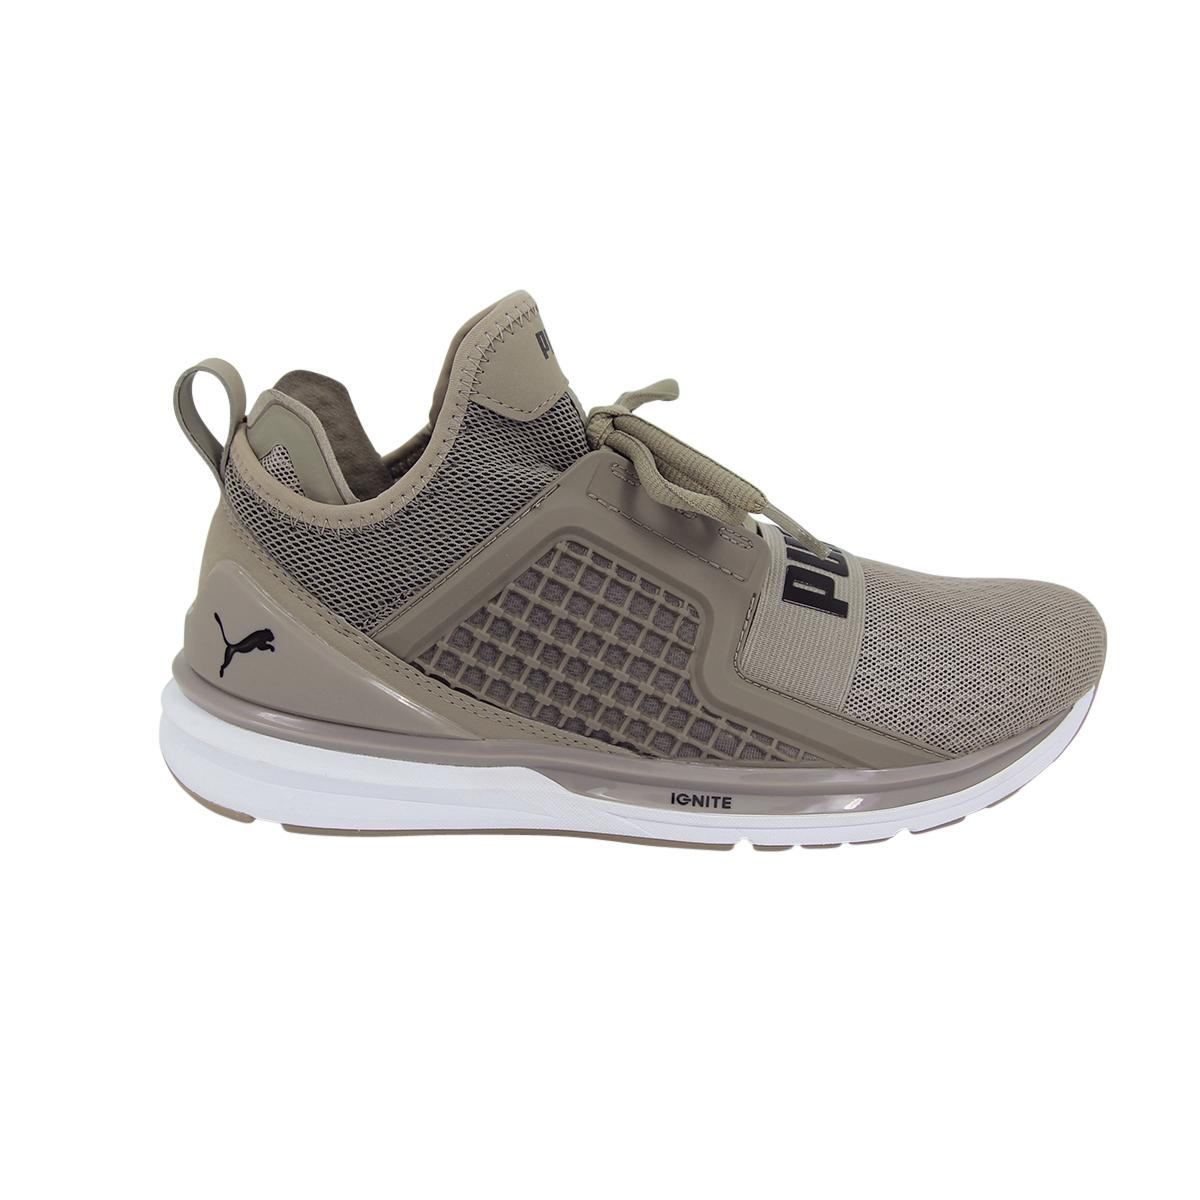 Puma Ignite limitless rock Señores zapatillas zapatos nuevo